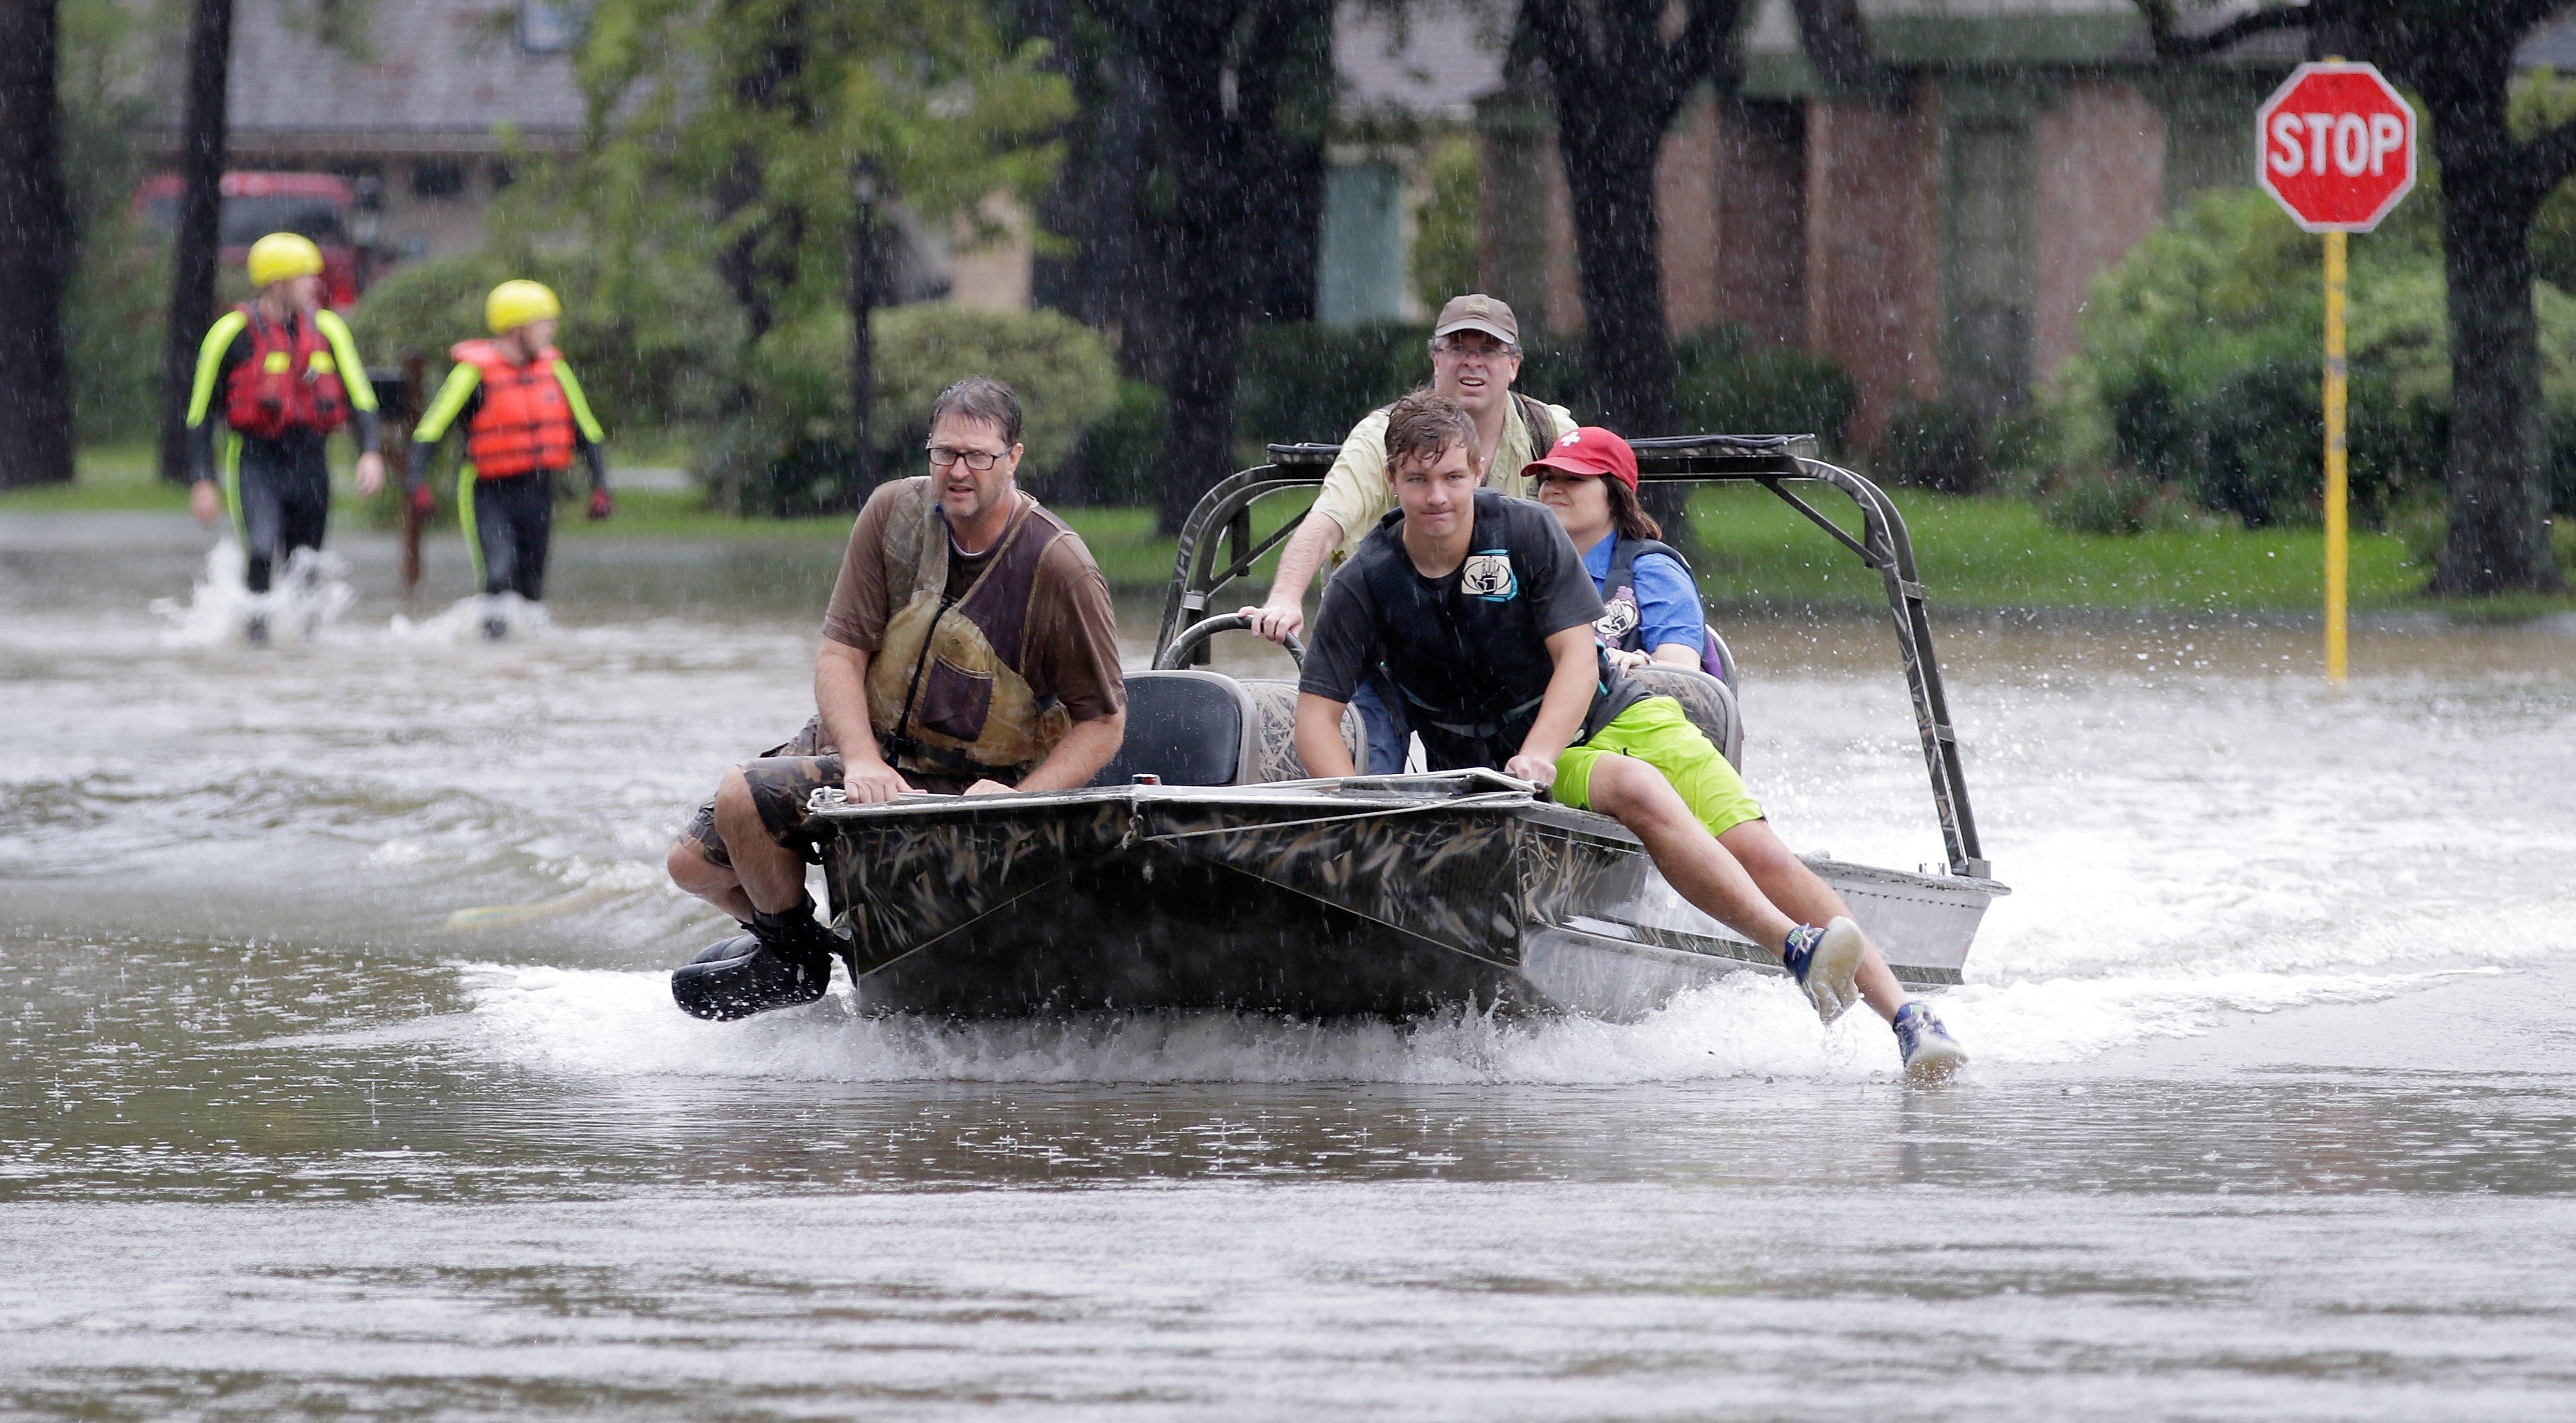 Voluntaris amb barca cerquen residents atrapats després de l'huracà Harvey a Houston (EUA). /MICHAEL WYKE